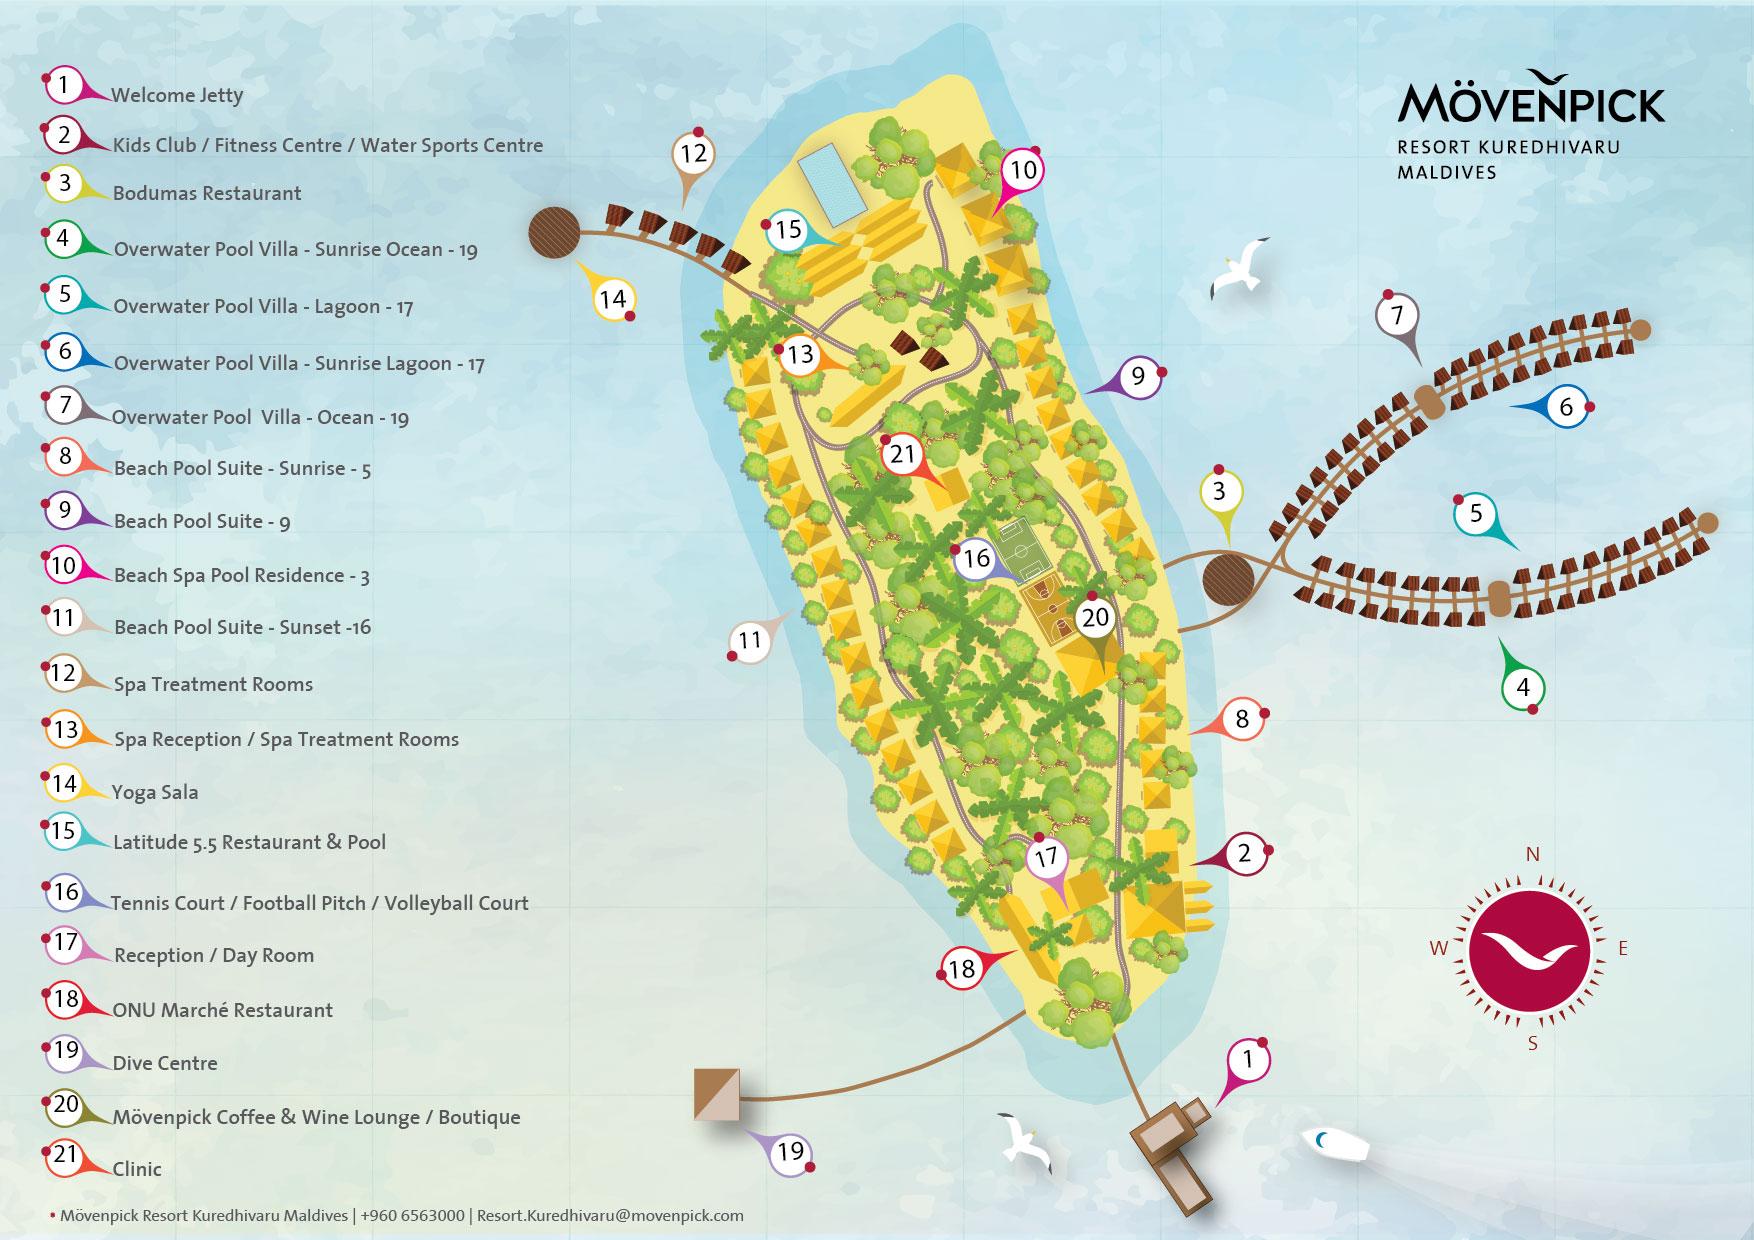 马尔代夫 莫凡彼岛 Movenpick Resort Kuredhivaru Maldives 平面地图查看